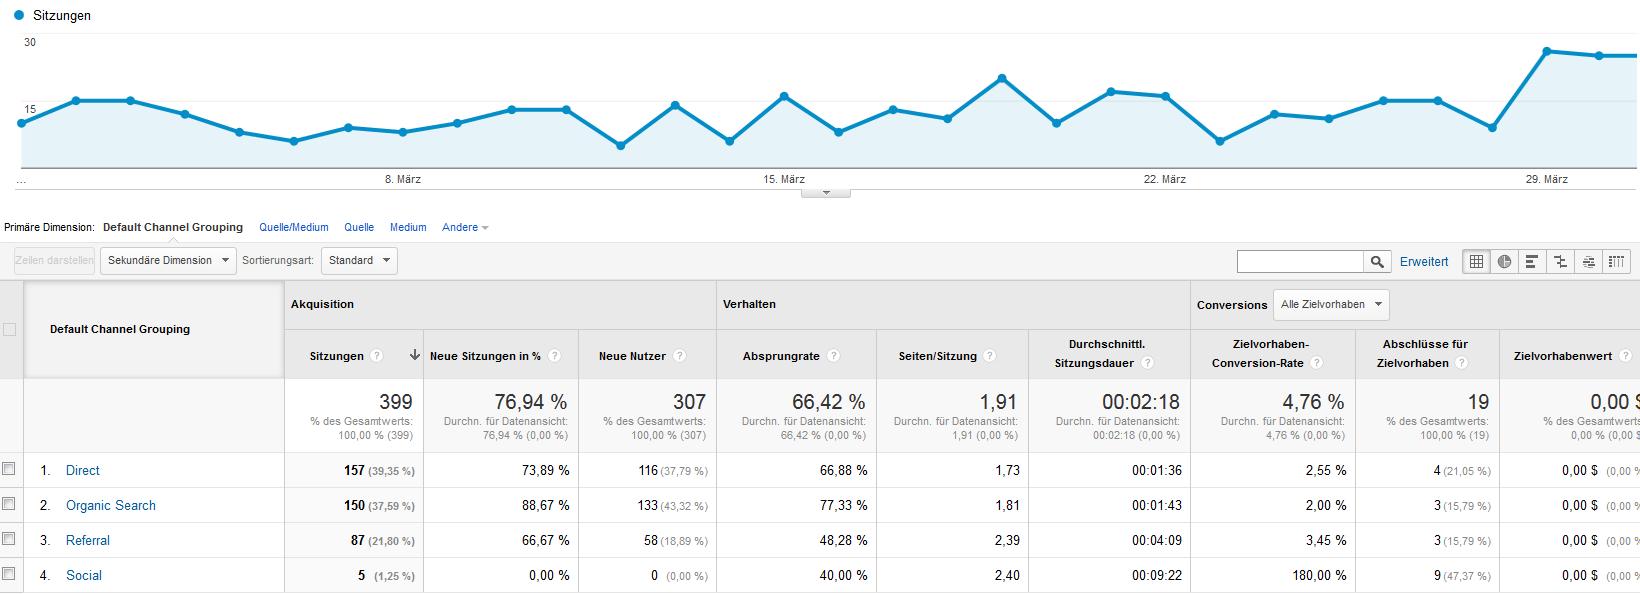 Besucherstatistiken aus Google Analytics vom März 2015.